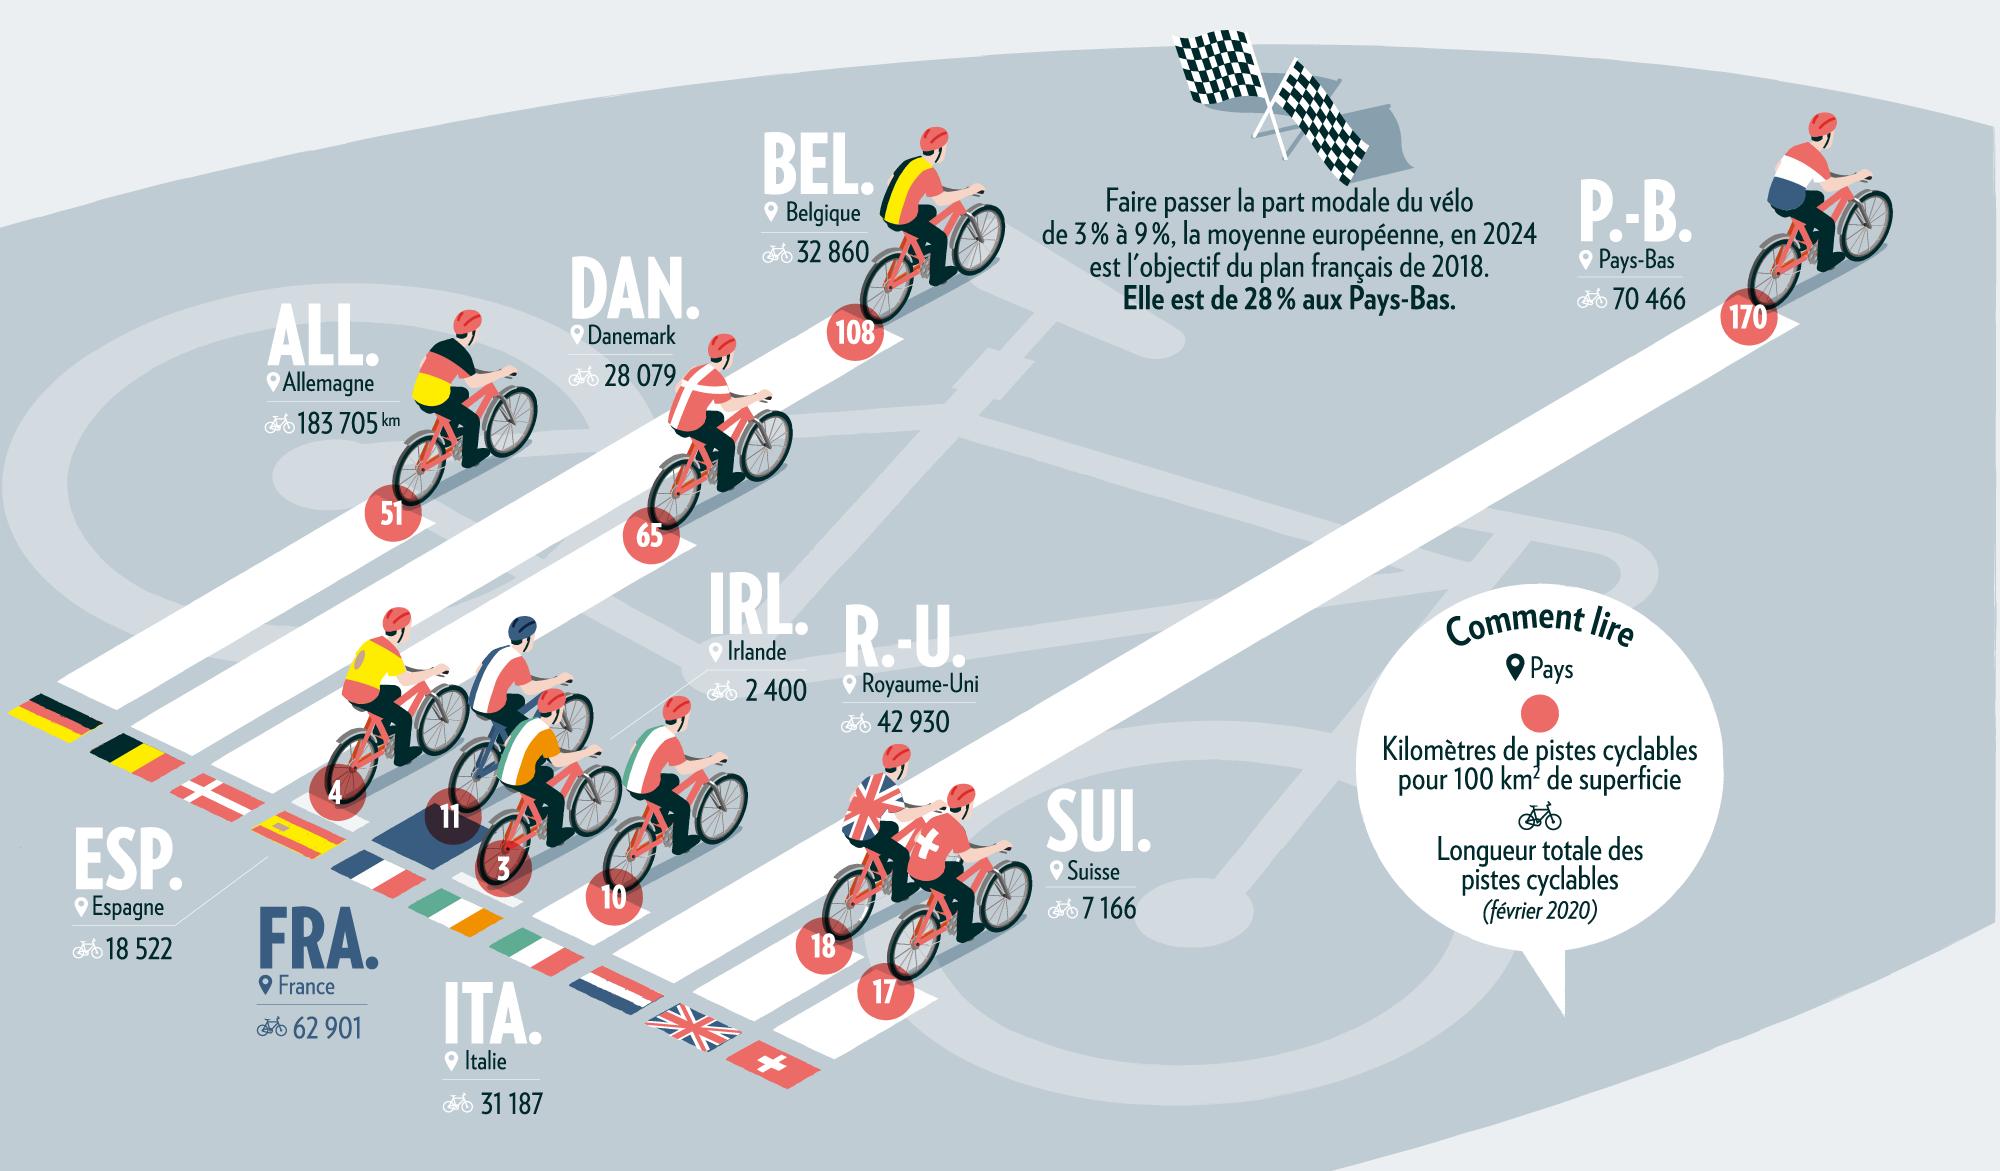 Longueur des pistes cyclables dans plusieurs pays d'Europe